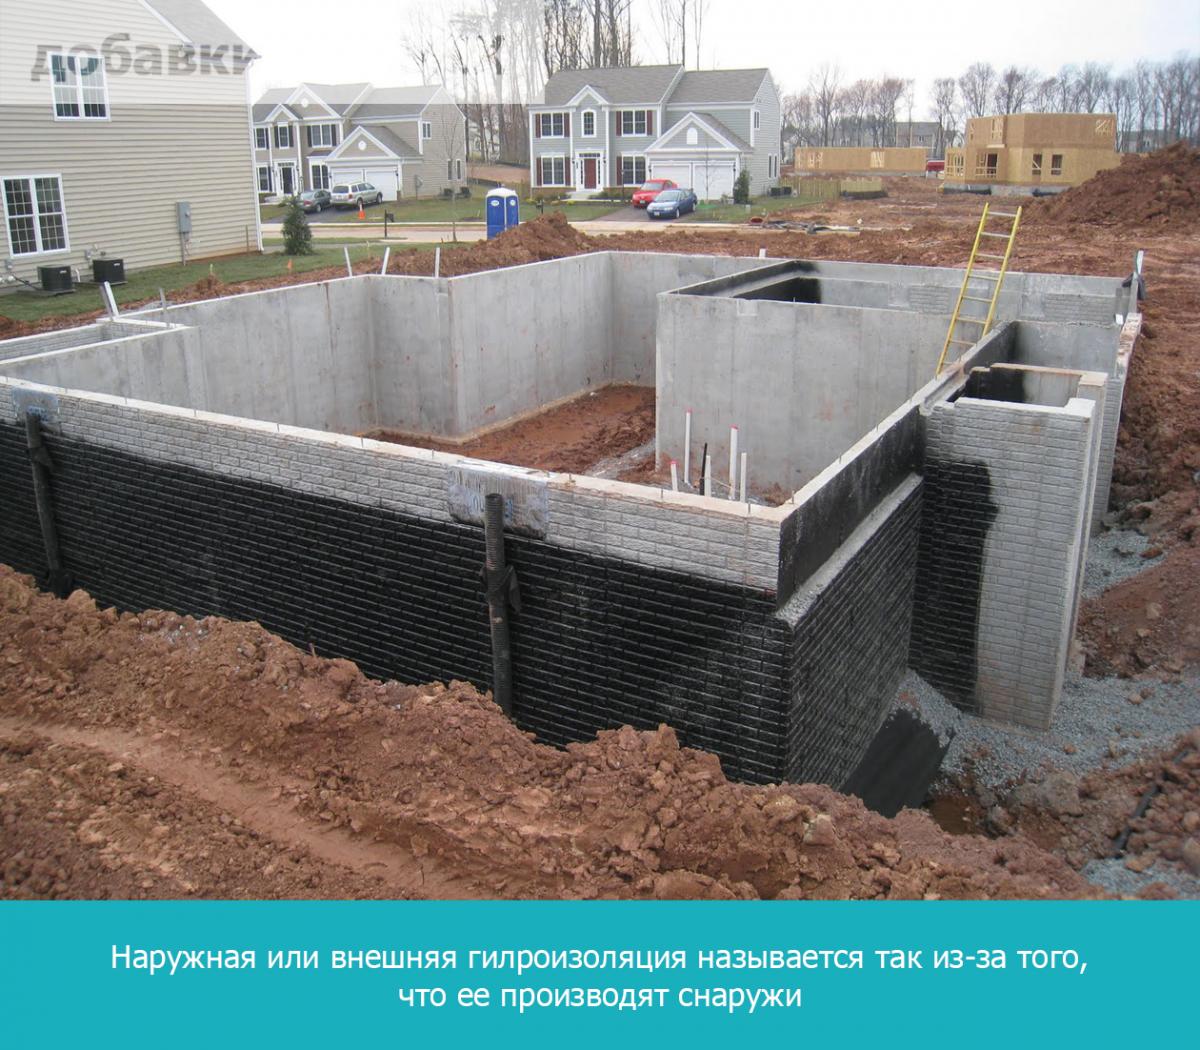 Наружная или внешняя гидроизоляция называется так из-за того, что ее производят снаружи